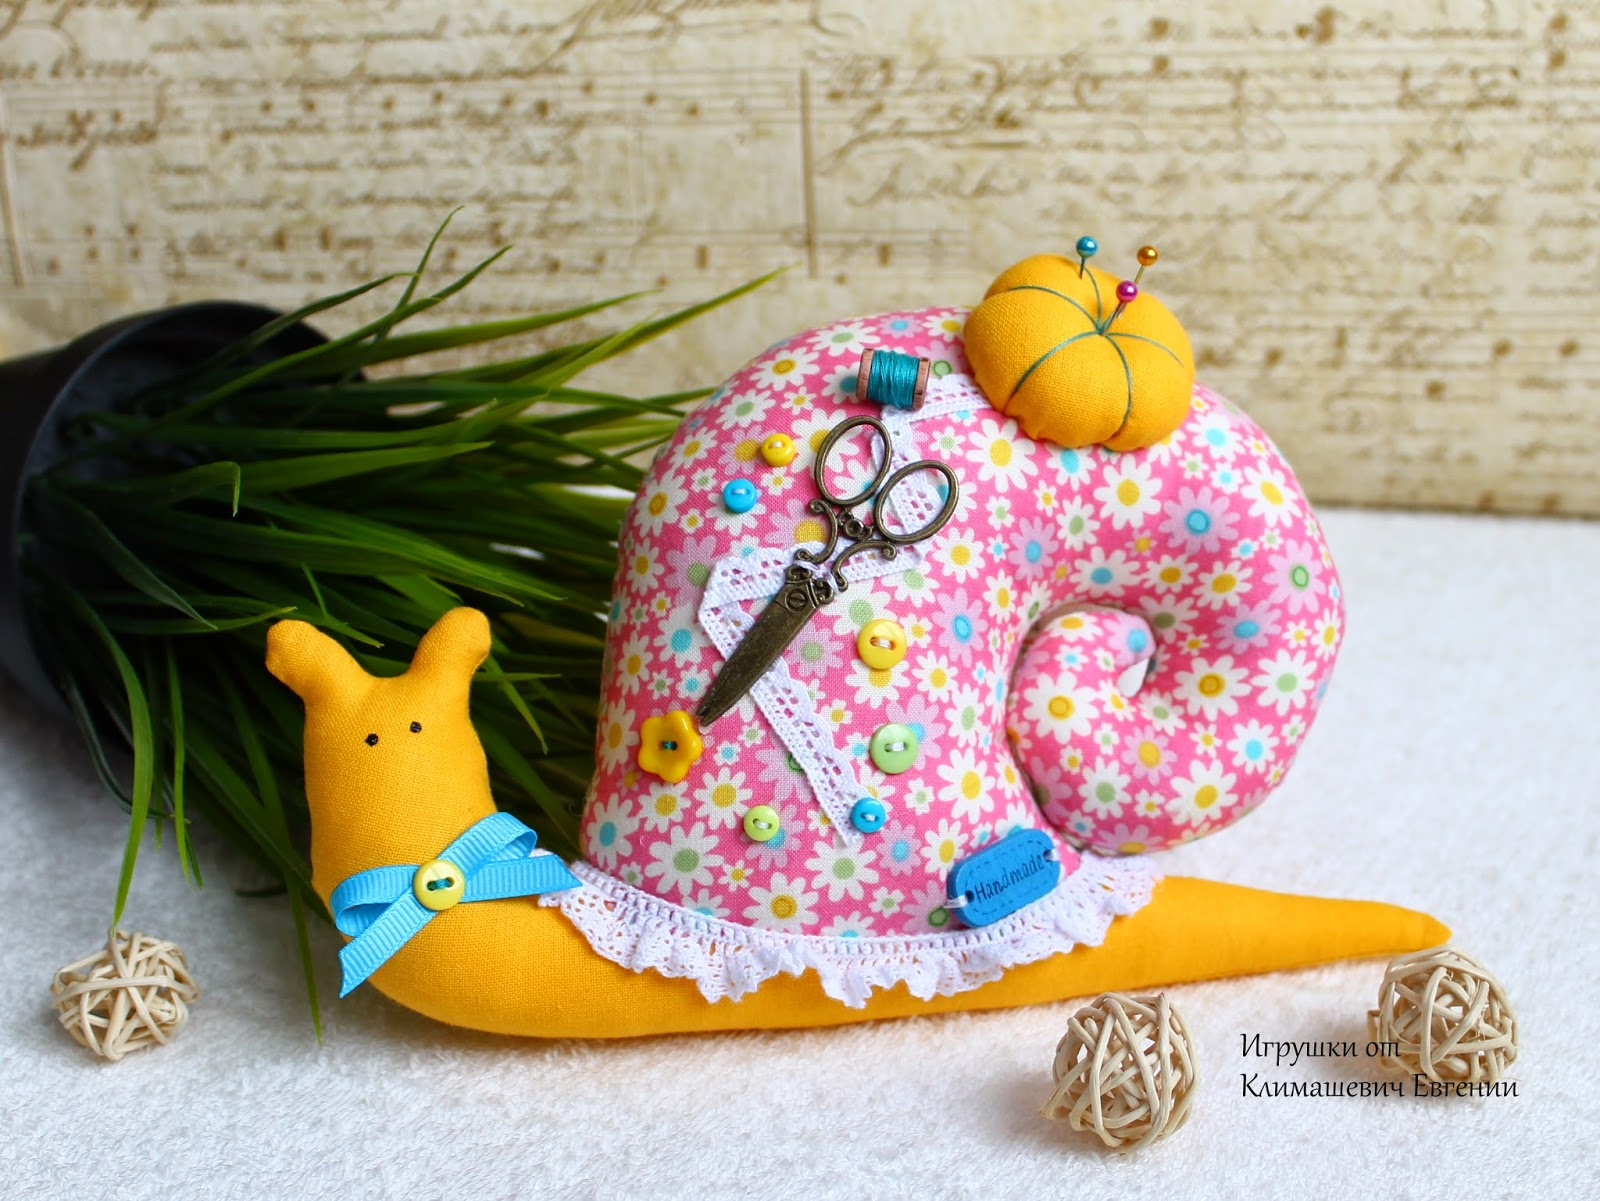 Улитка, улитка тильда, тильда, игрушка тильда, игрушка улитка, текстильная улитка, подарок, игрушка, интерьерная игрушка, авторская игрушка